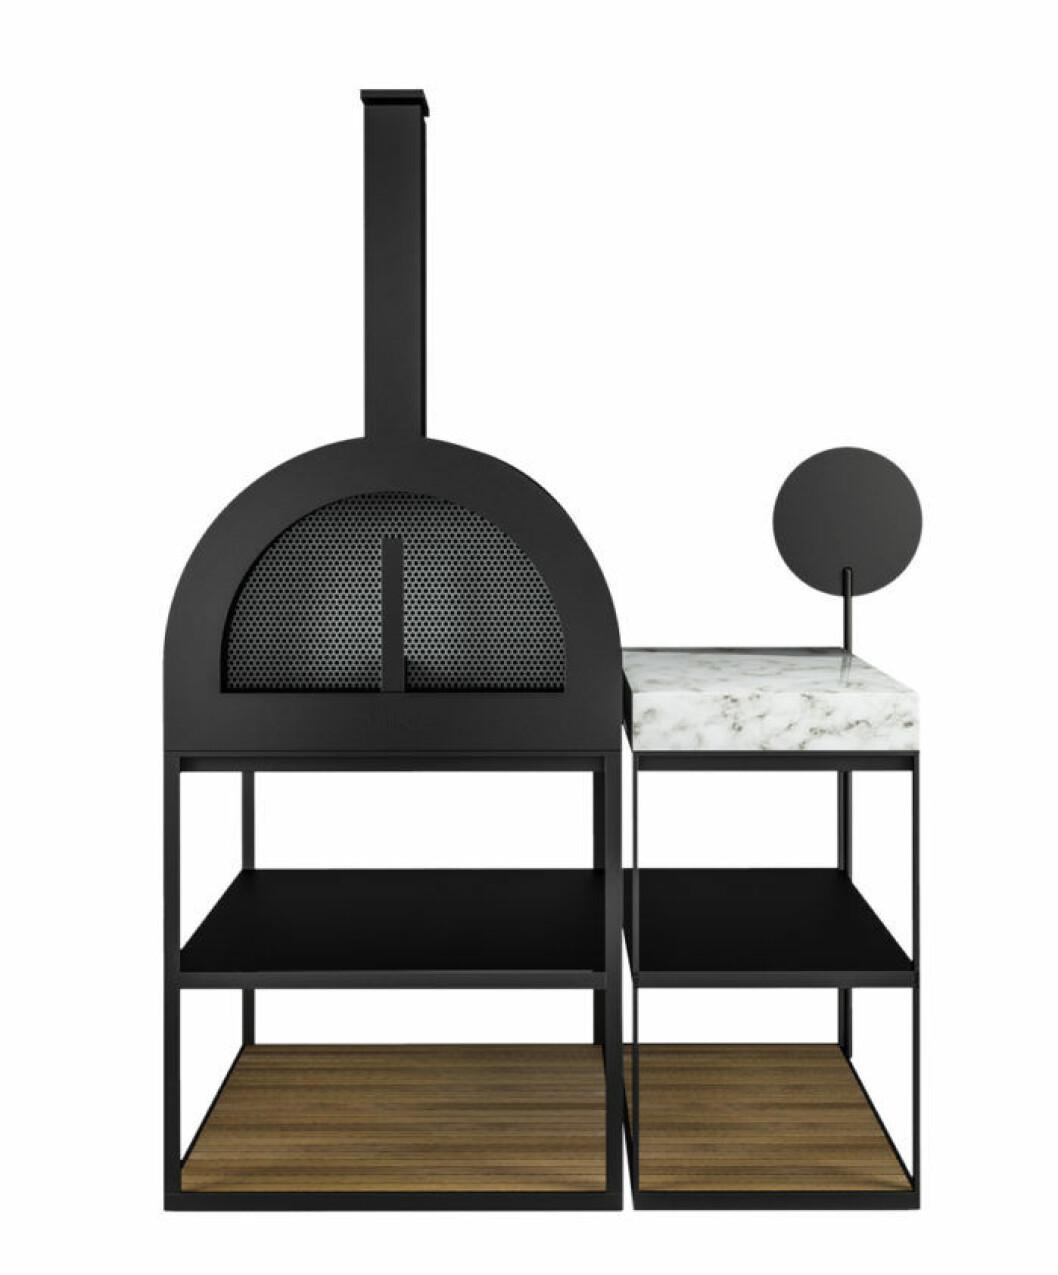 Exklusiv, stol grill med sidodel med stor marmorskiva på